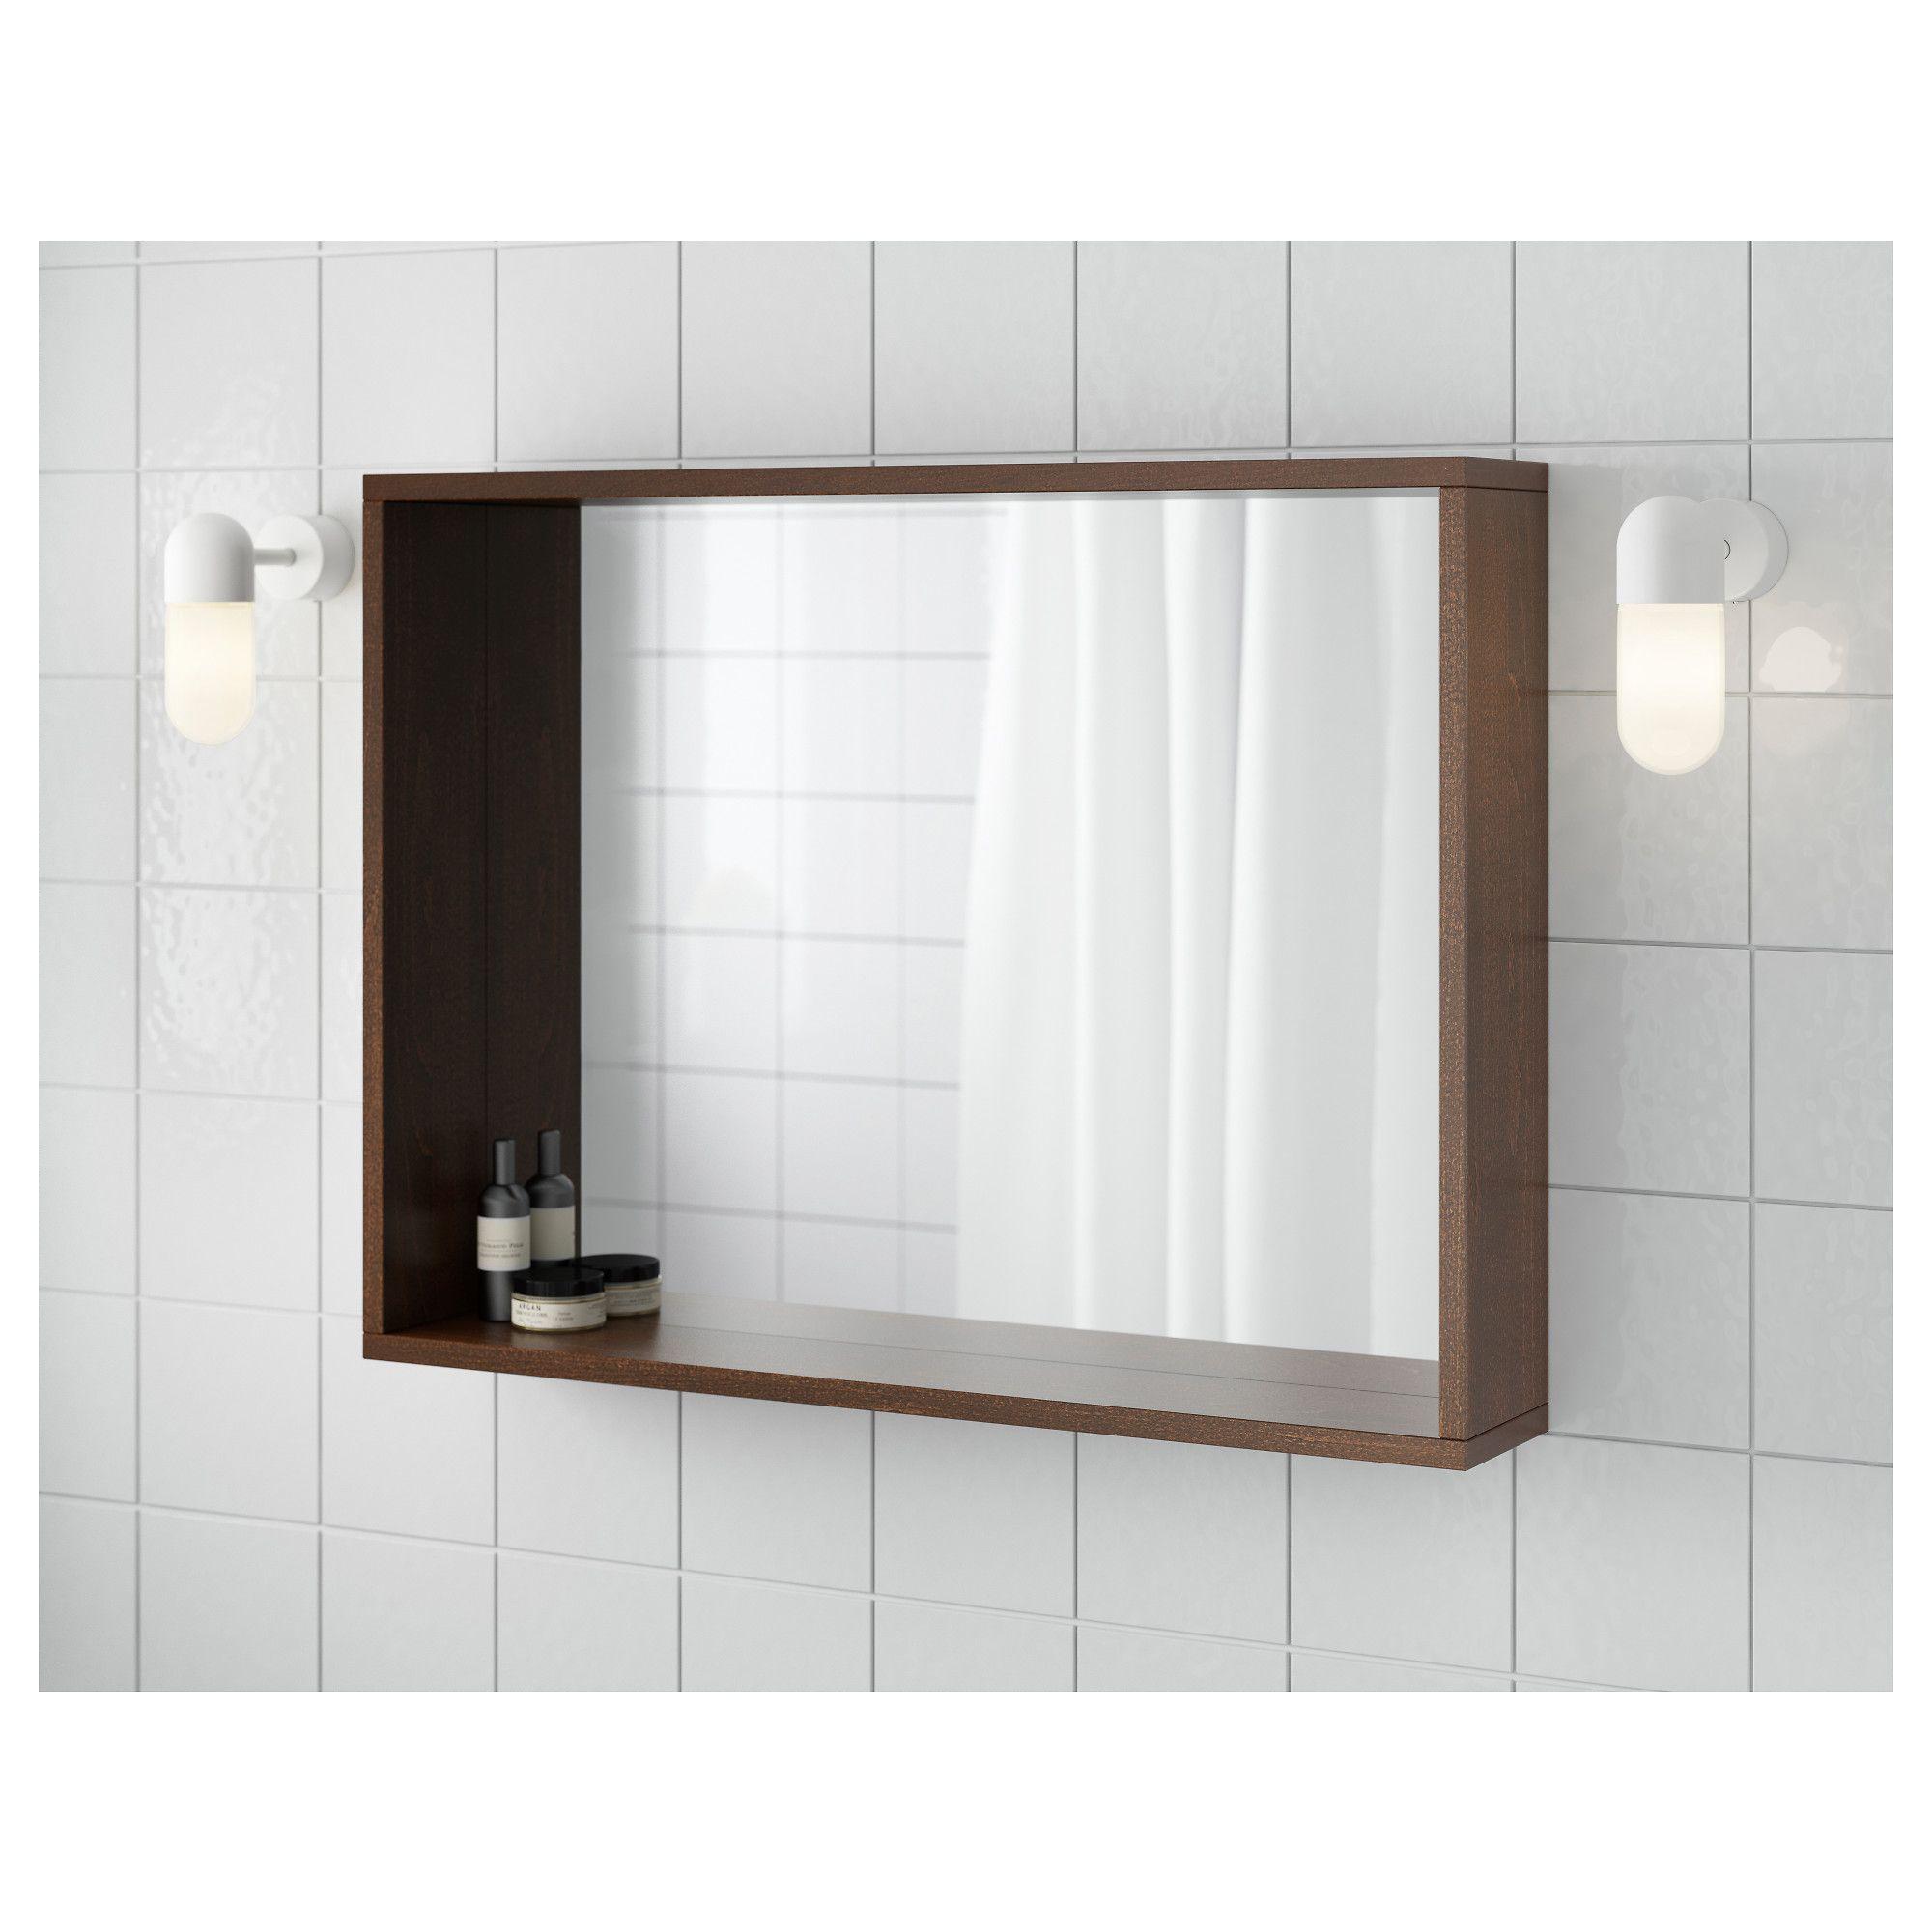 MOLGER IKEA Bathroom Mirrors,  Ikea bathroom mirror, Ikea